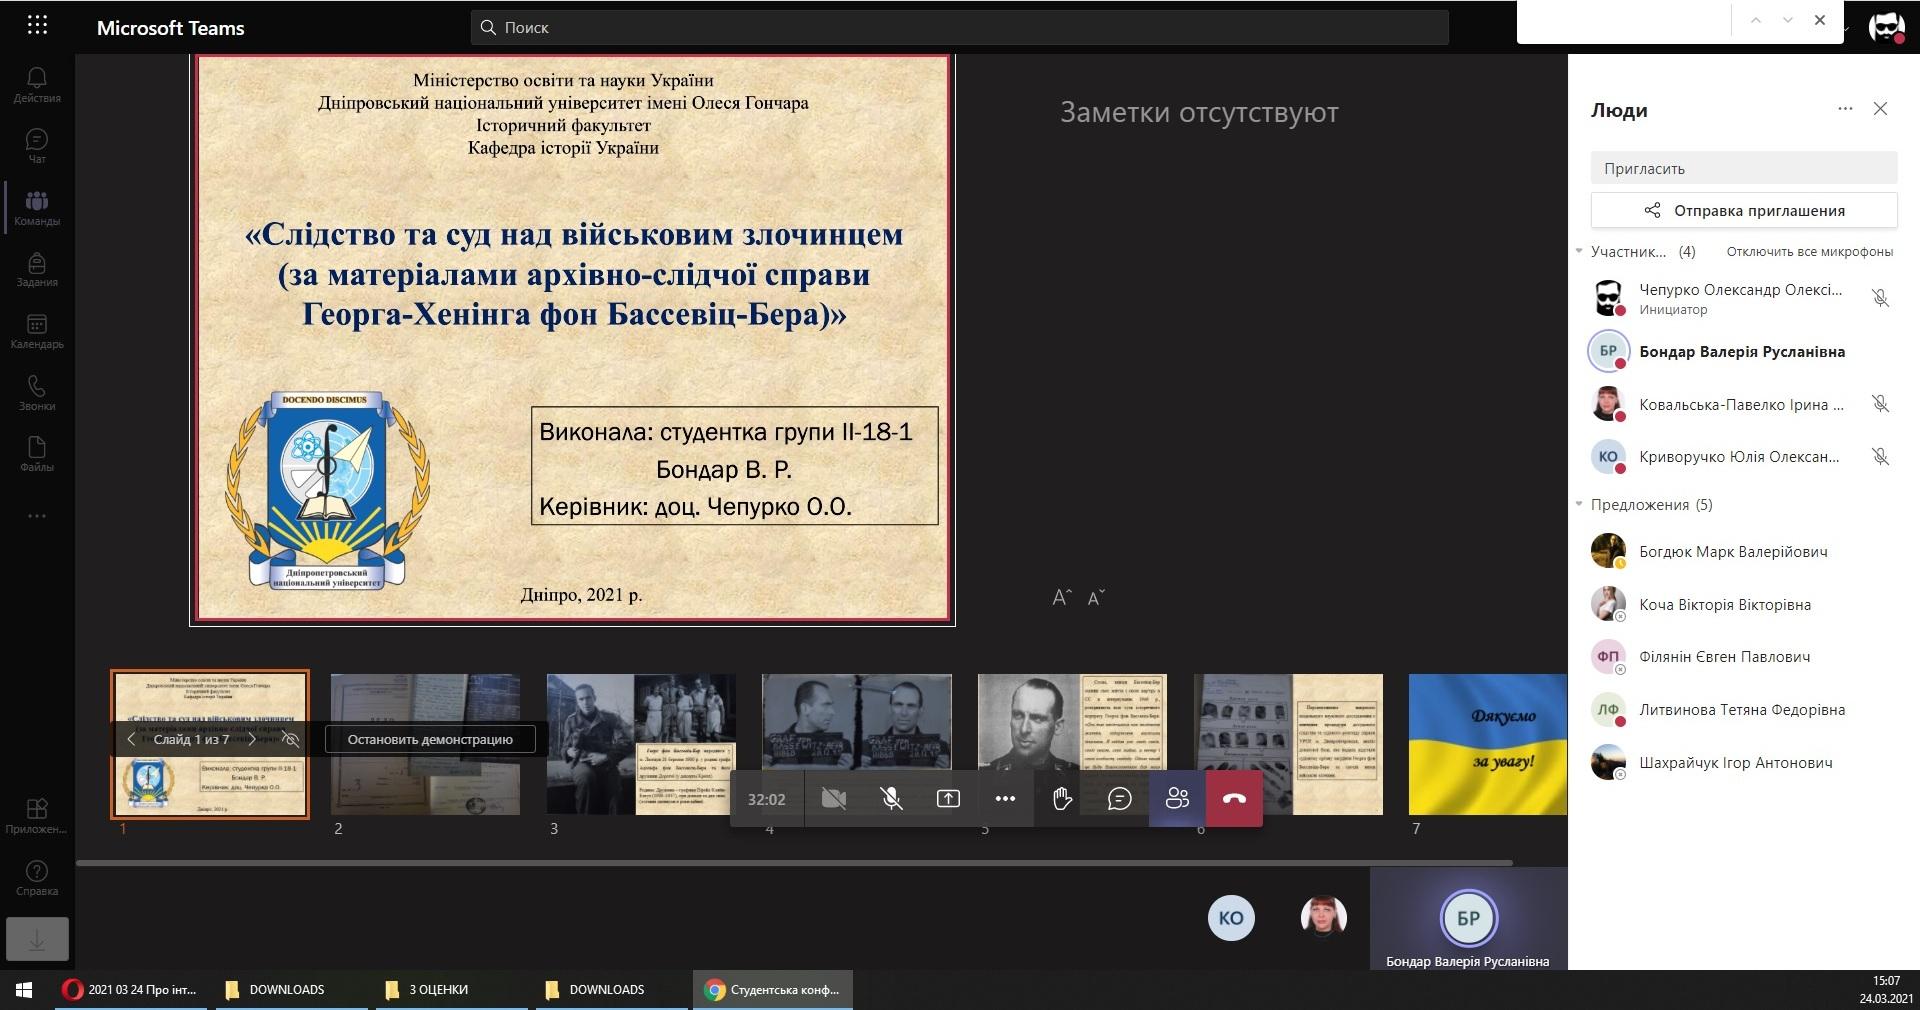 Презентація доповіді студентки В. Бондар